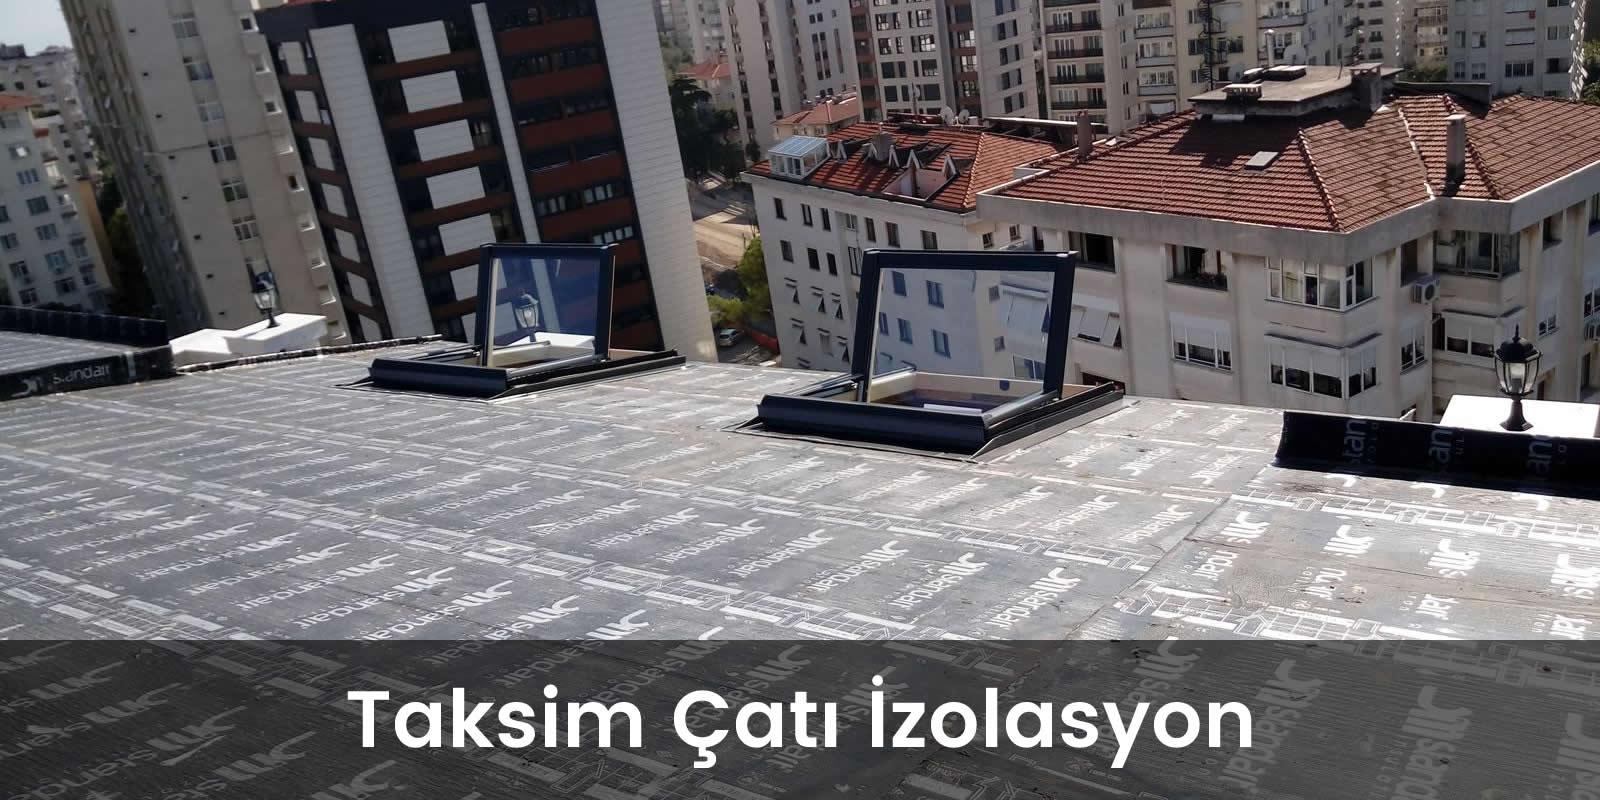 taksim çatı izolasyon